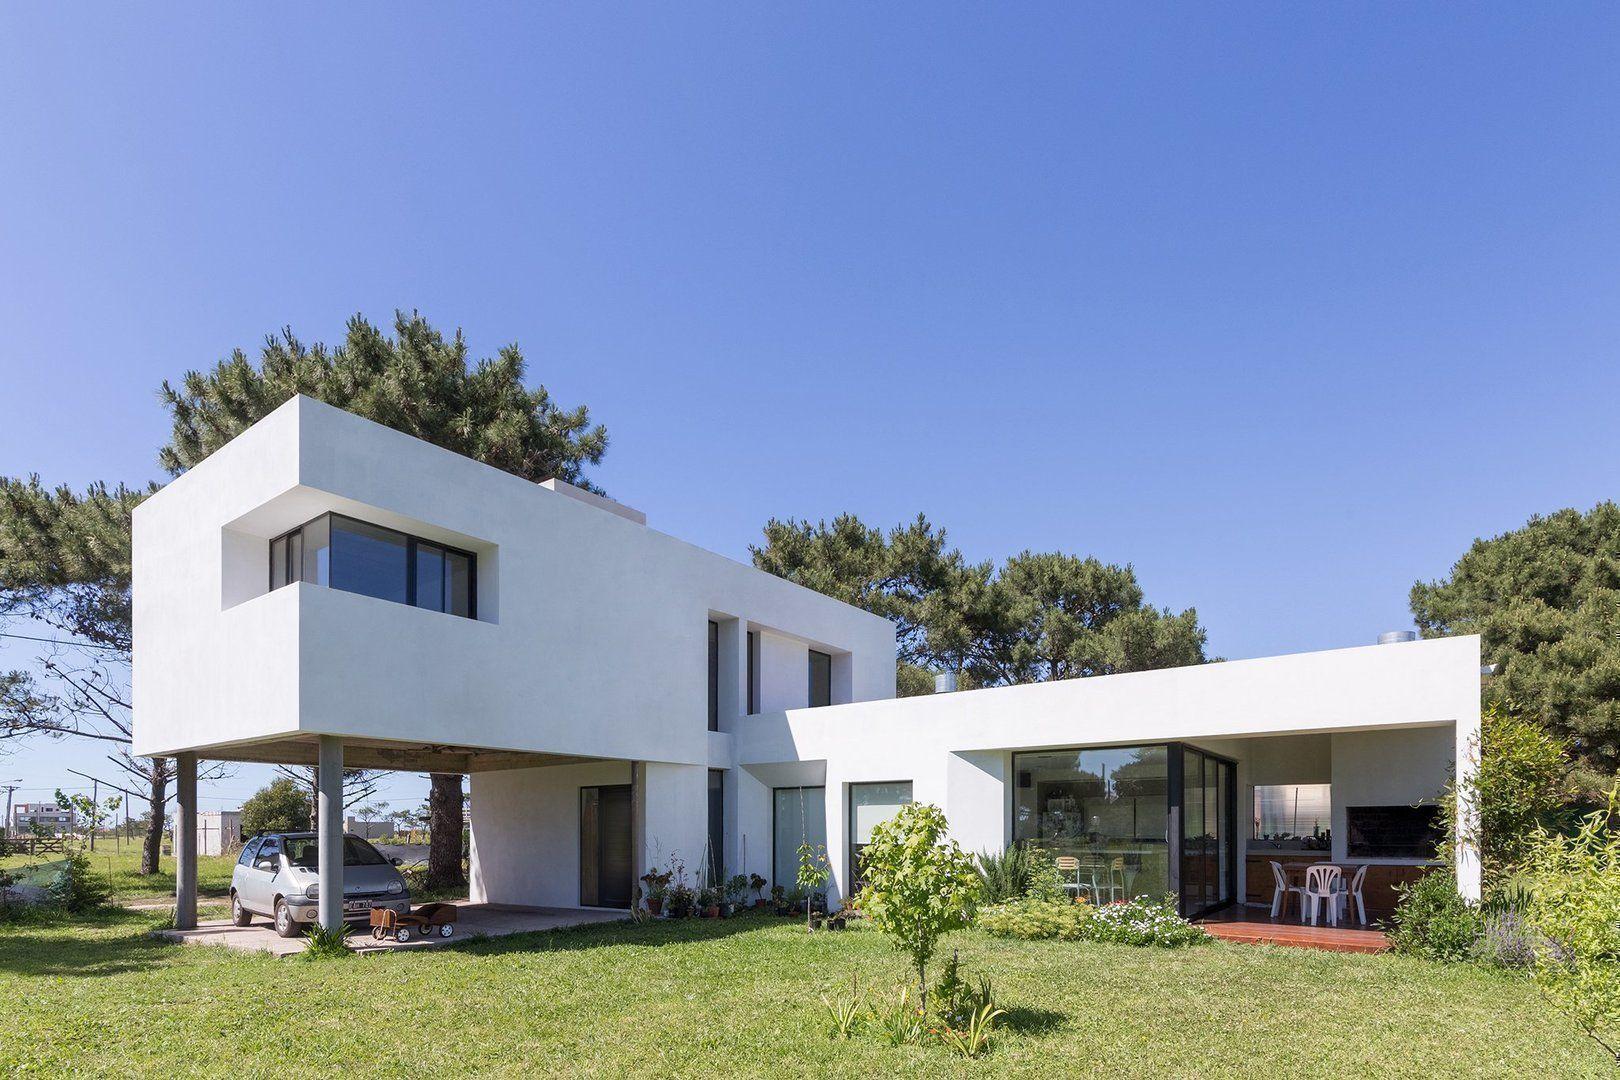 Casa lucerna arqa for Viviendas minimalistas